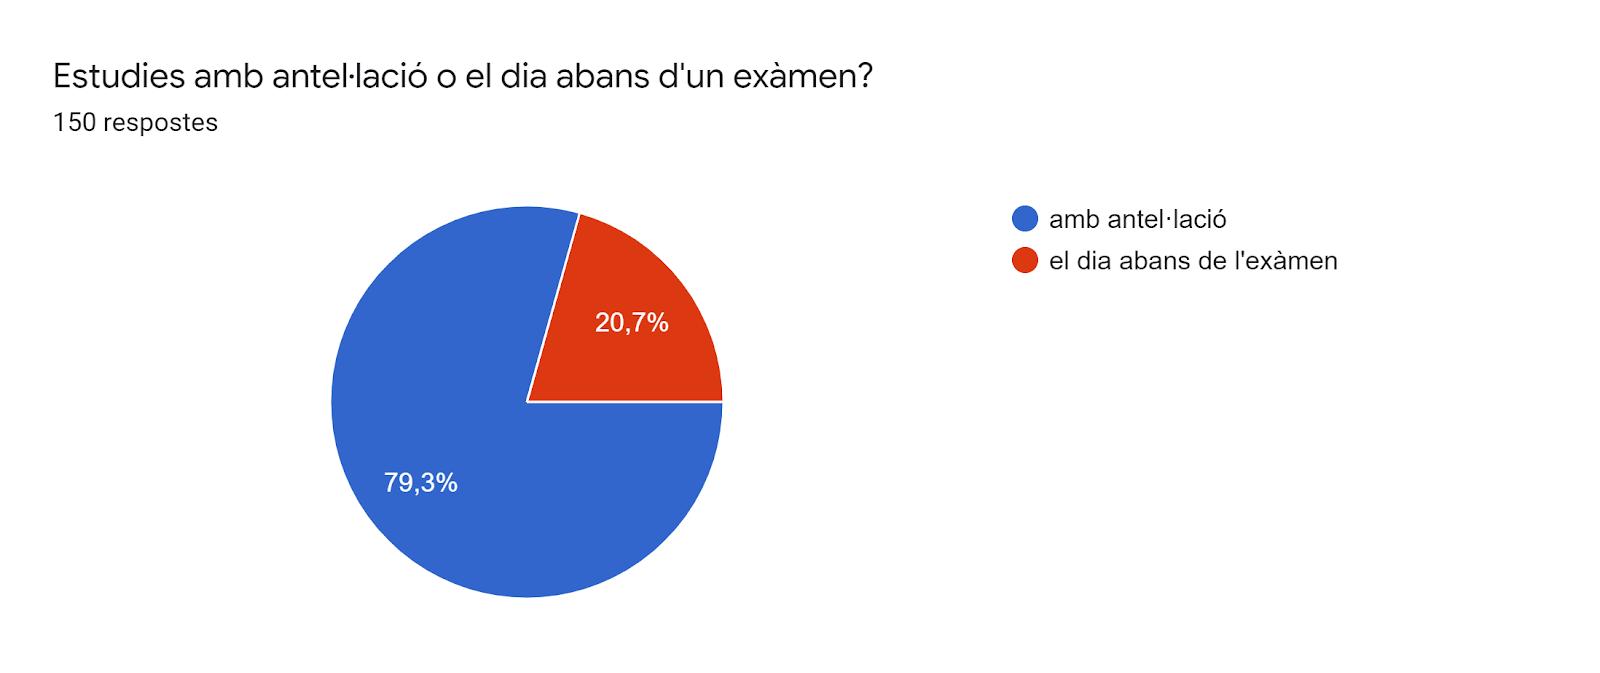 Gràfic de respostes de Formularis. Títol de la pregunta: Estudies amb antel·lació o el dia abans d'un exàmen?. Nombre de respostes: 150 respostes.